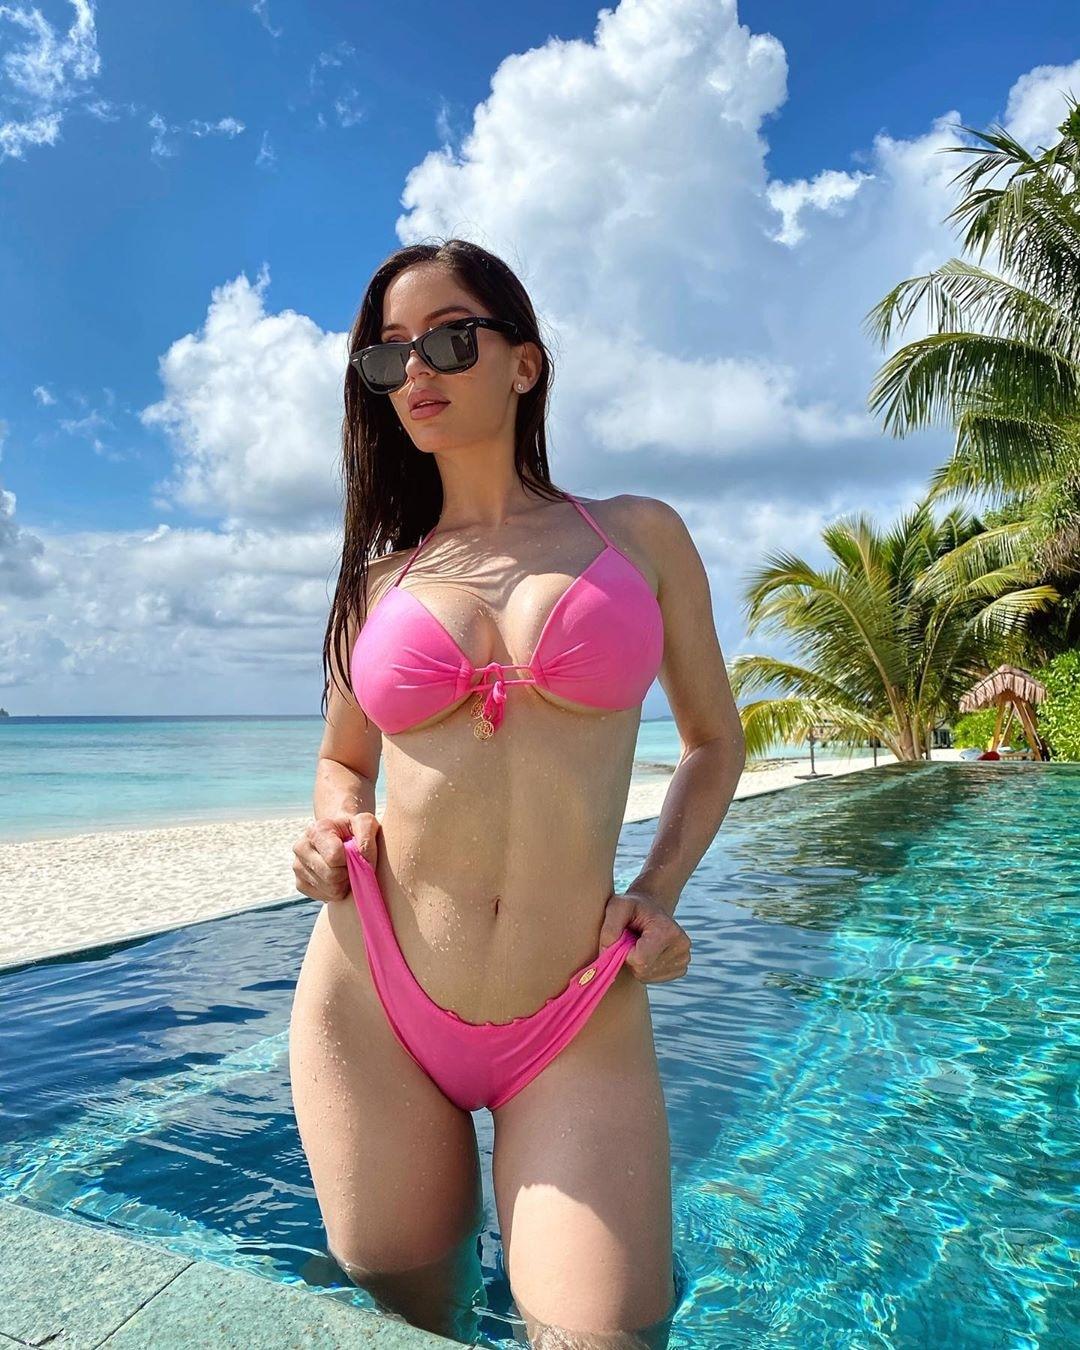 Natalia hot